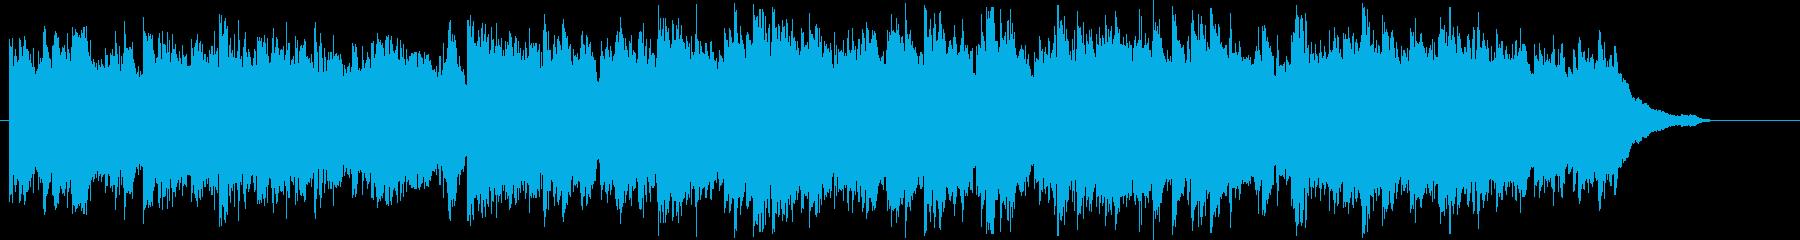 CM/ピアノ/優しい/感動/家族/A♭の再生済みの波形